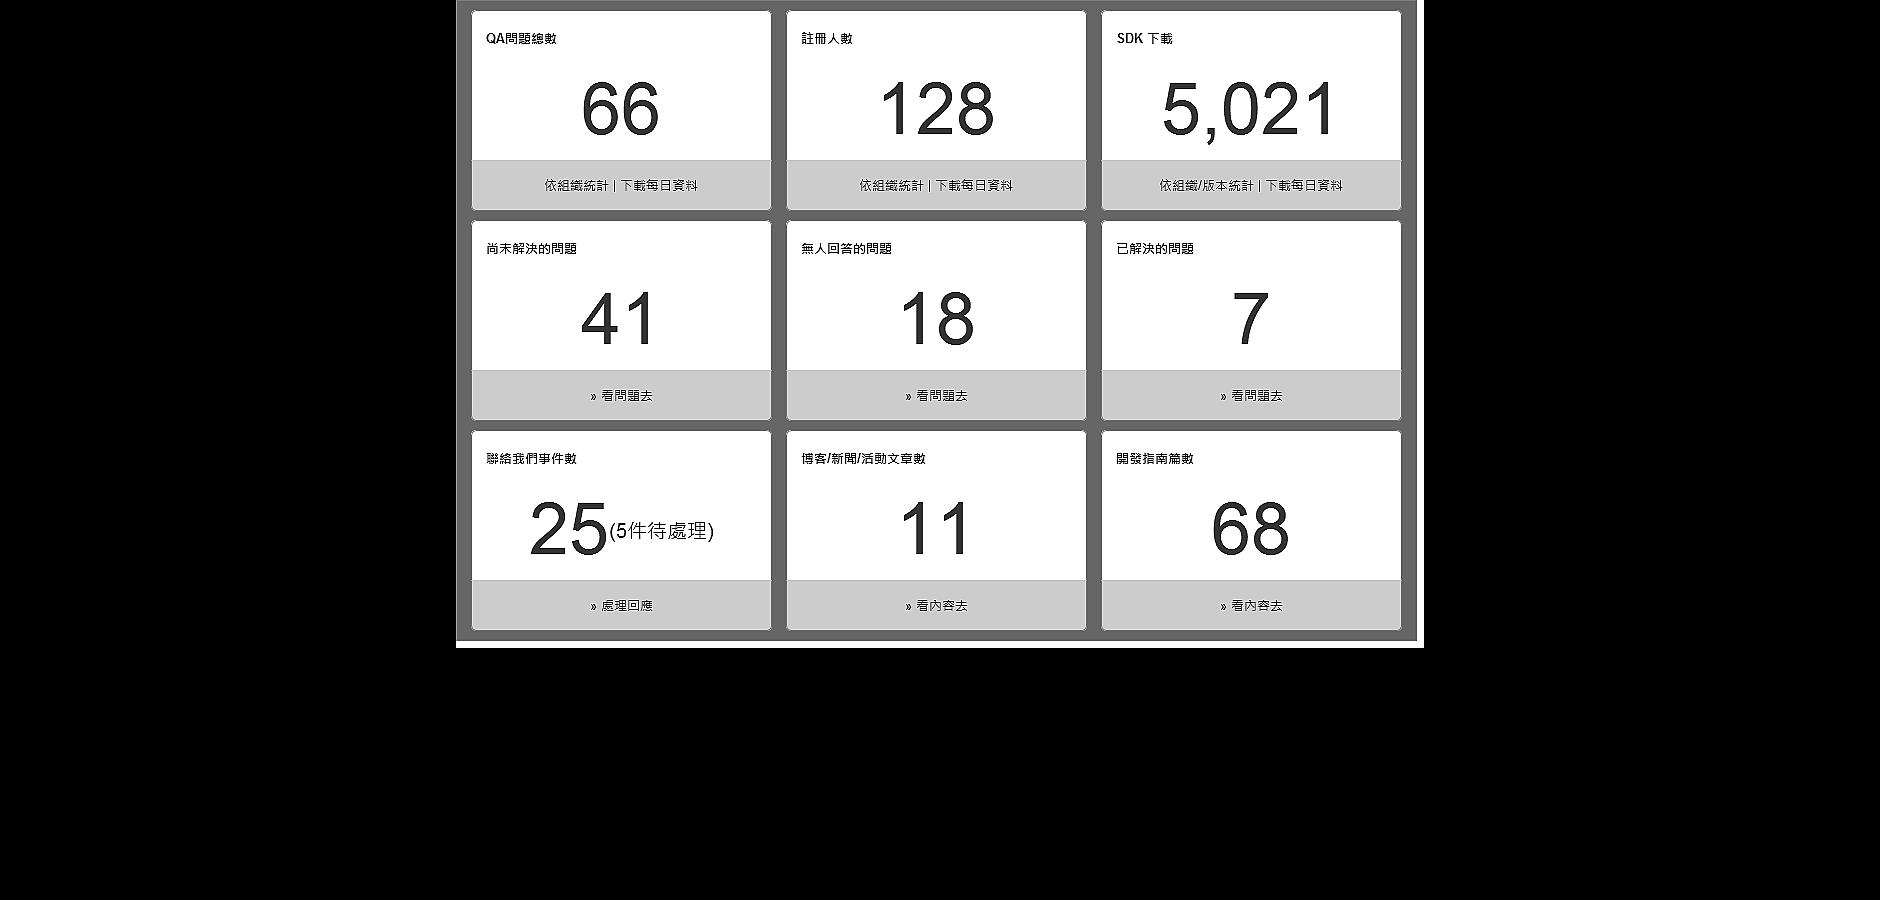 統計資料儀表板(規劃示意圖)